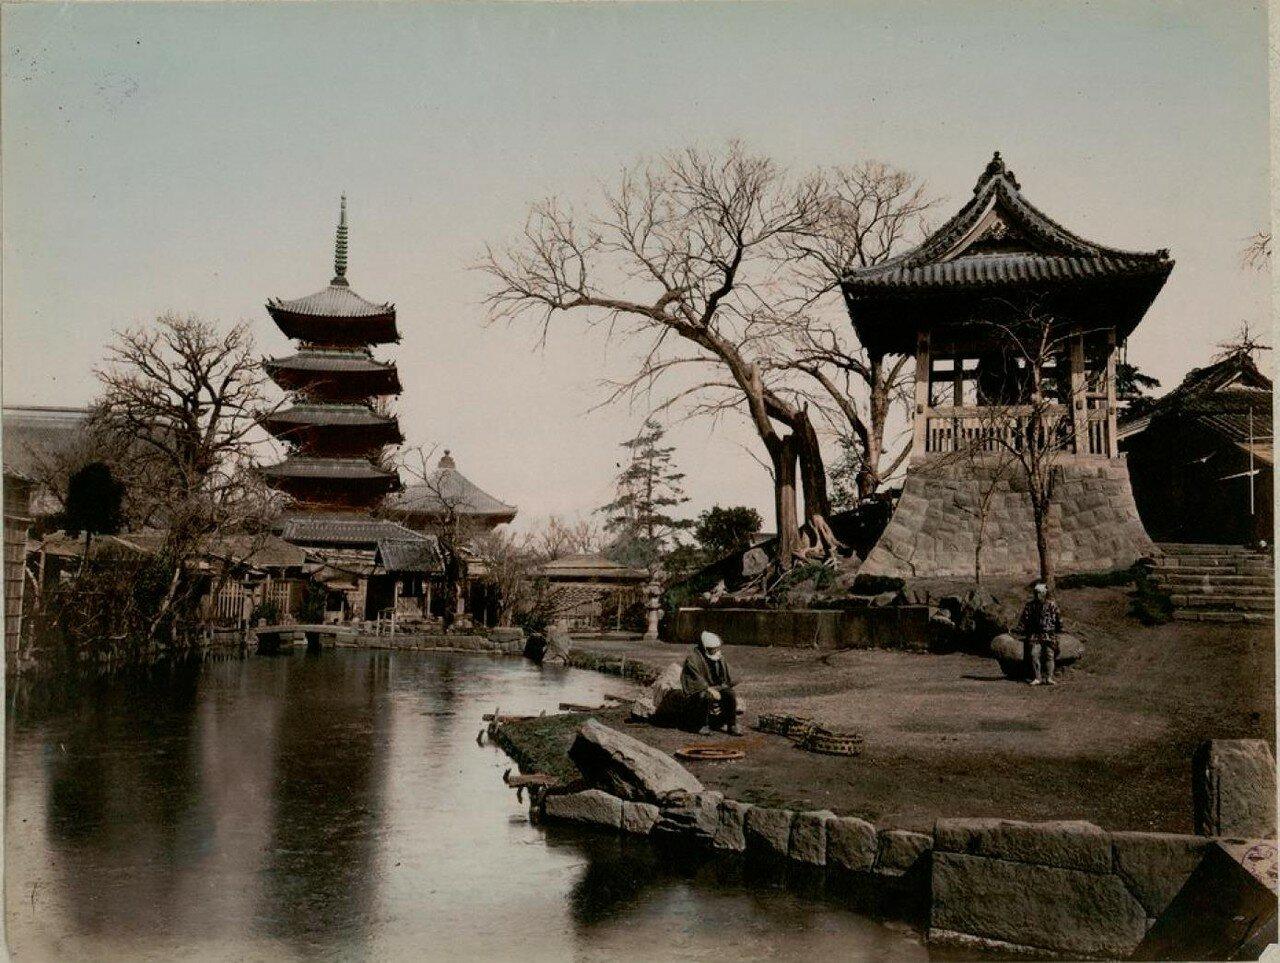 Токио. Квартал Асакуса. Пагода и колокол храма Сэнсо-дзи